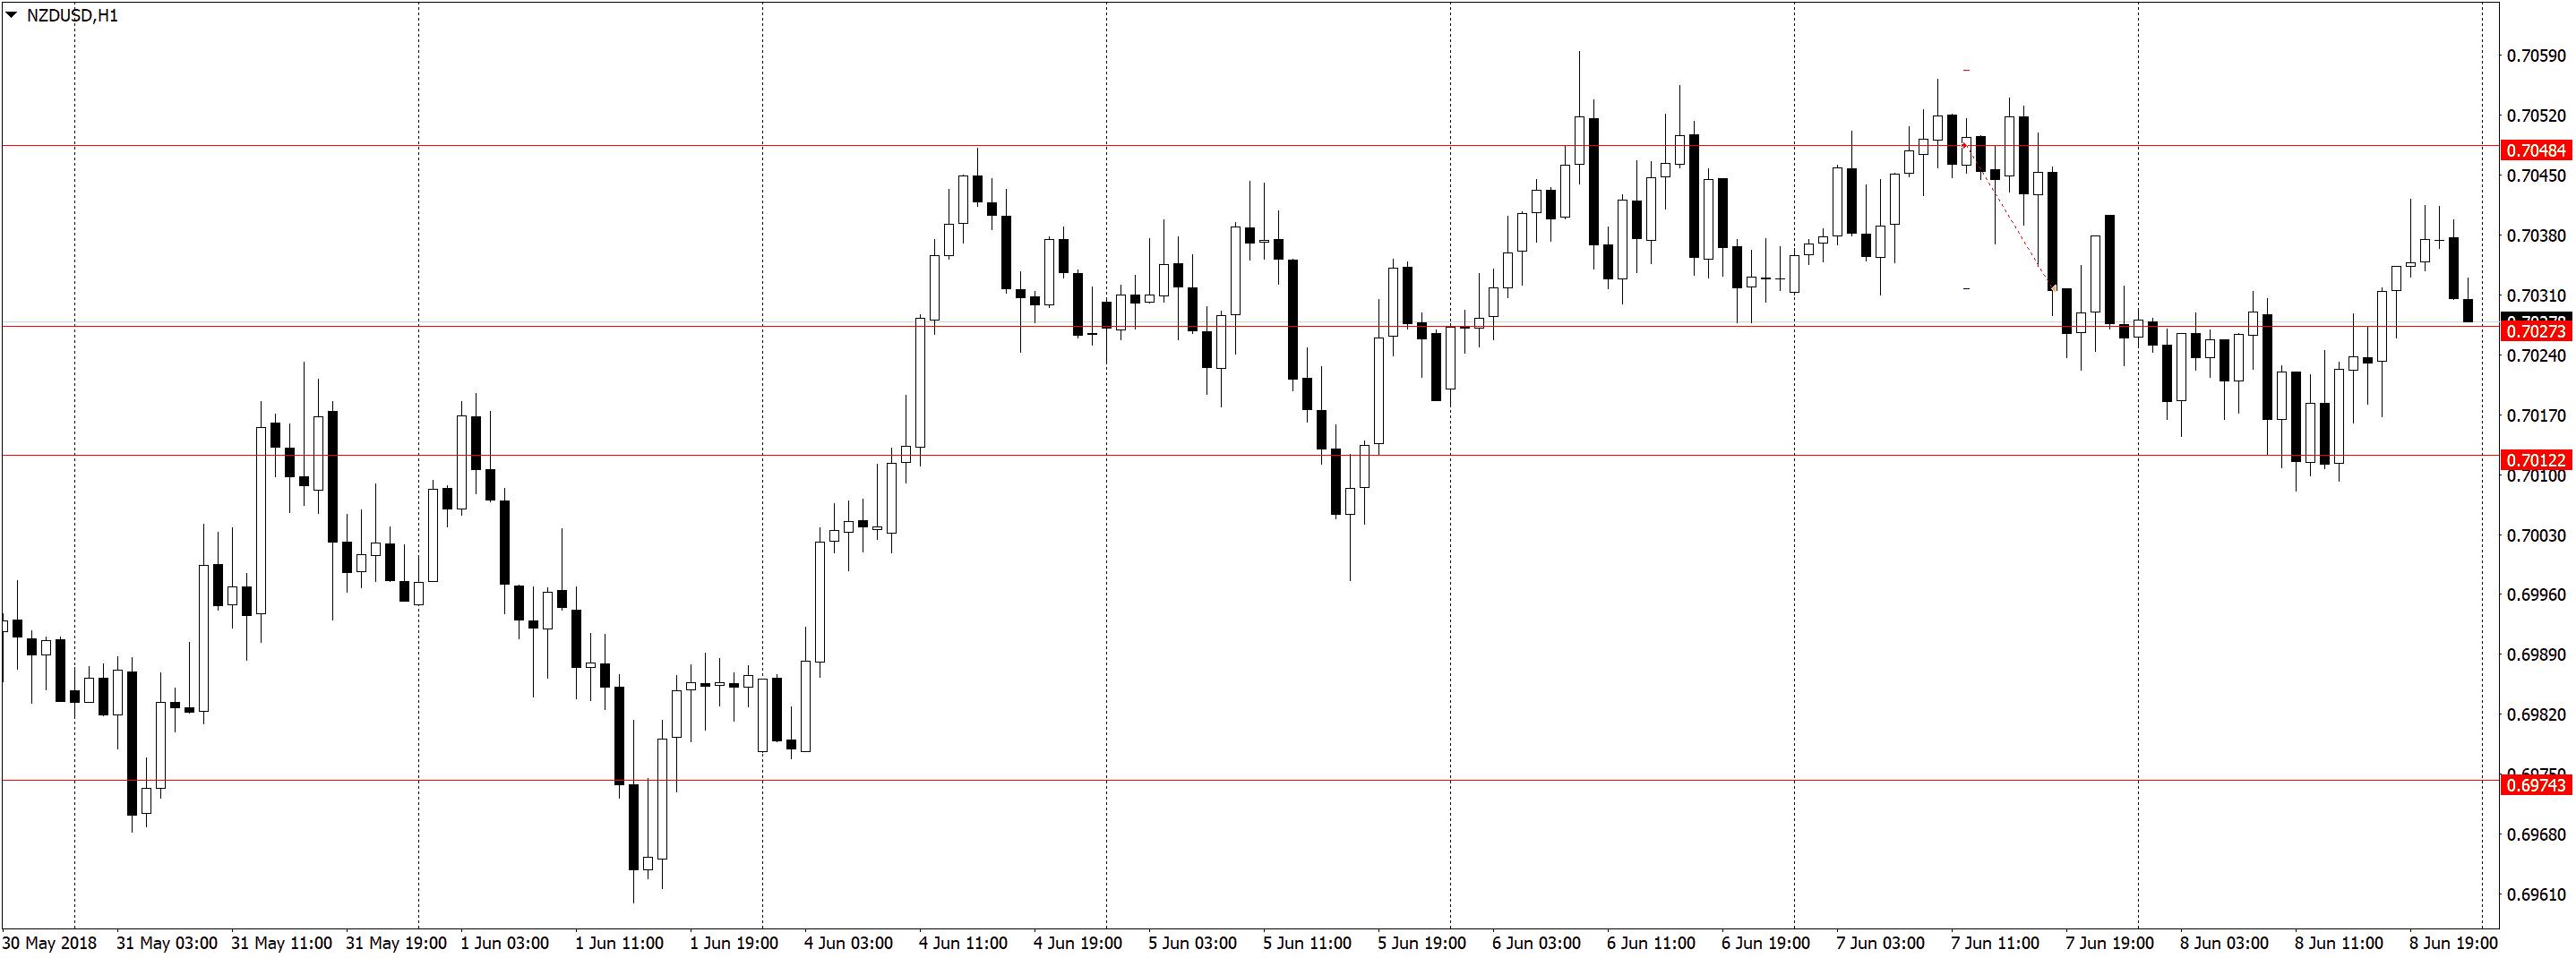 NZDUSDH1 2 Торговля по H1, трейдинг в удовольствие, три состояния рынка